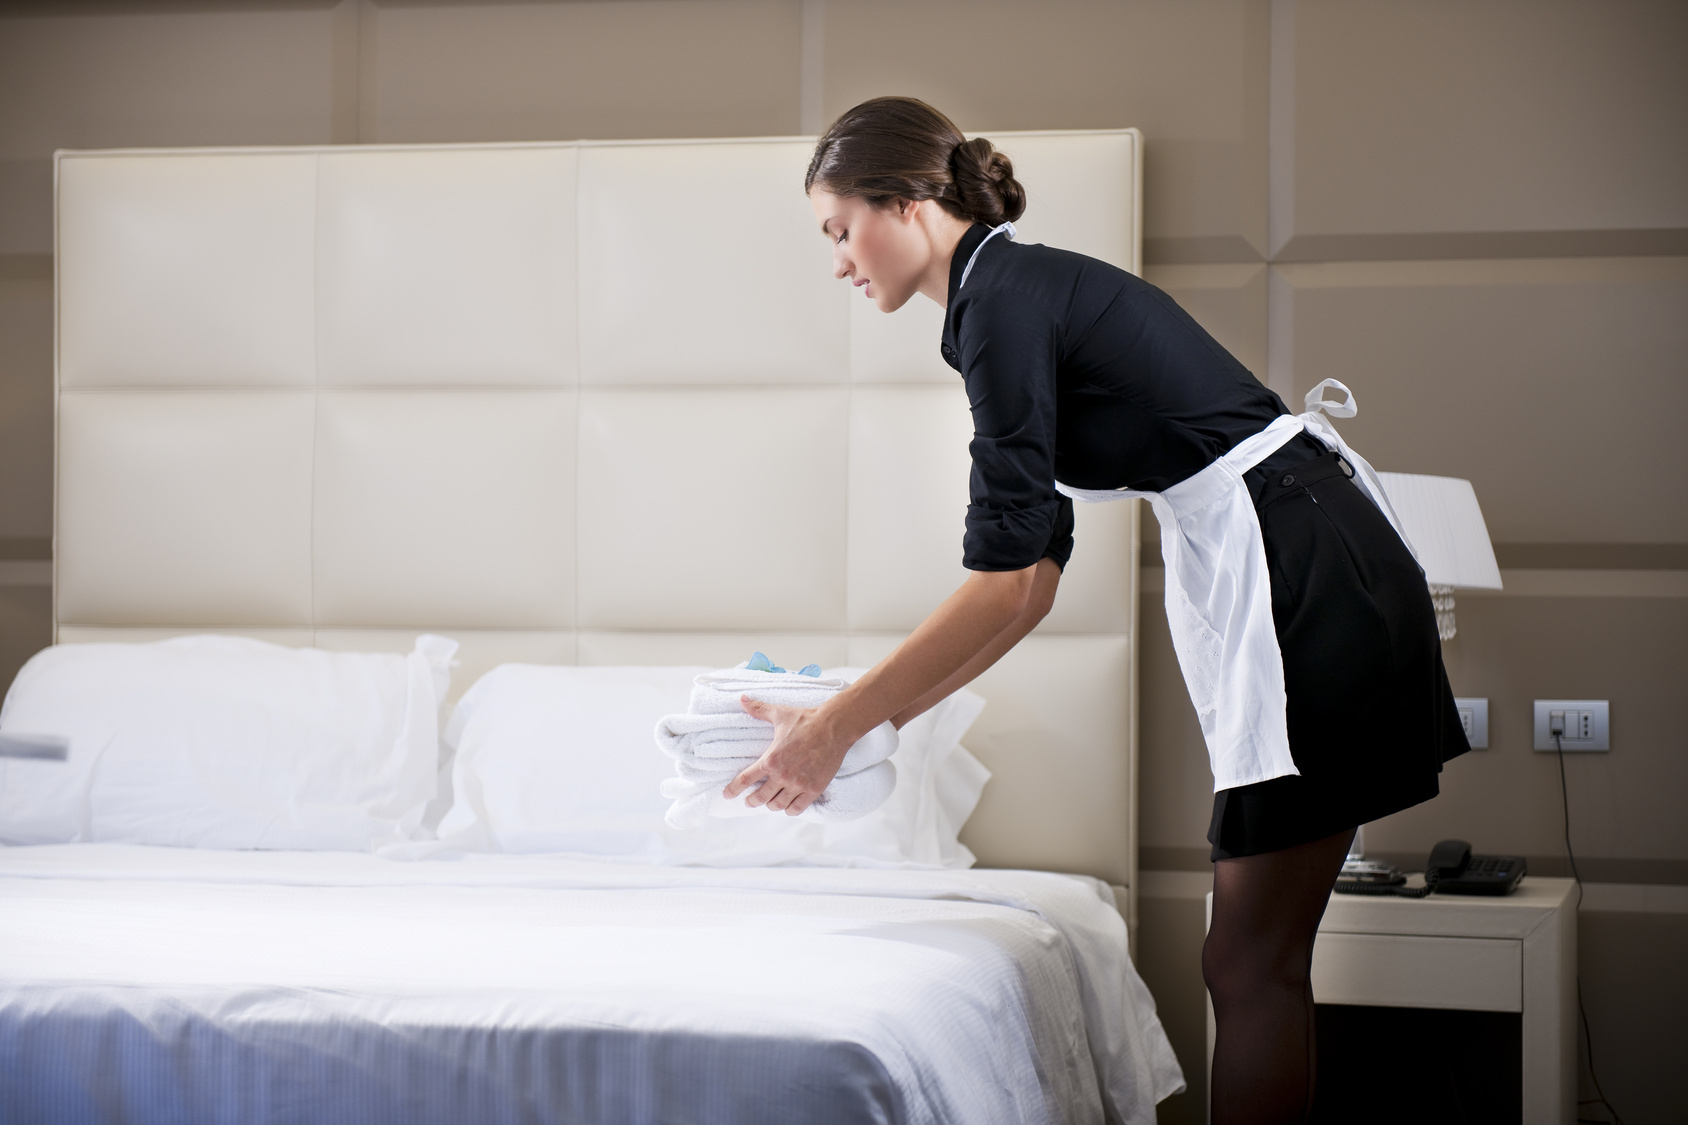 camareira de hotel profissao turismo - Camareira de hotel em Natal (RN) receberá adicional por limpeza de banheiros